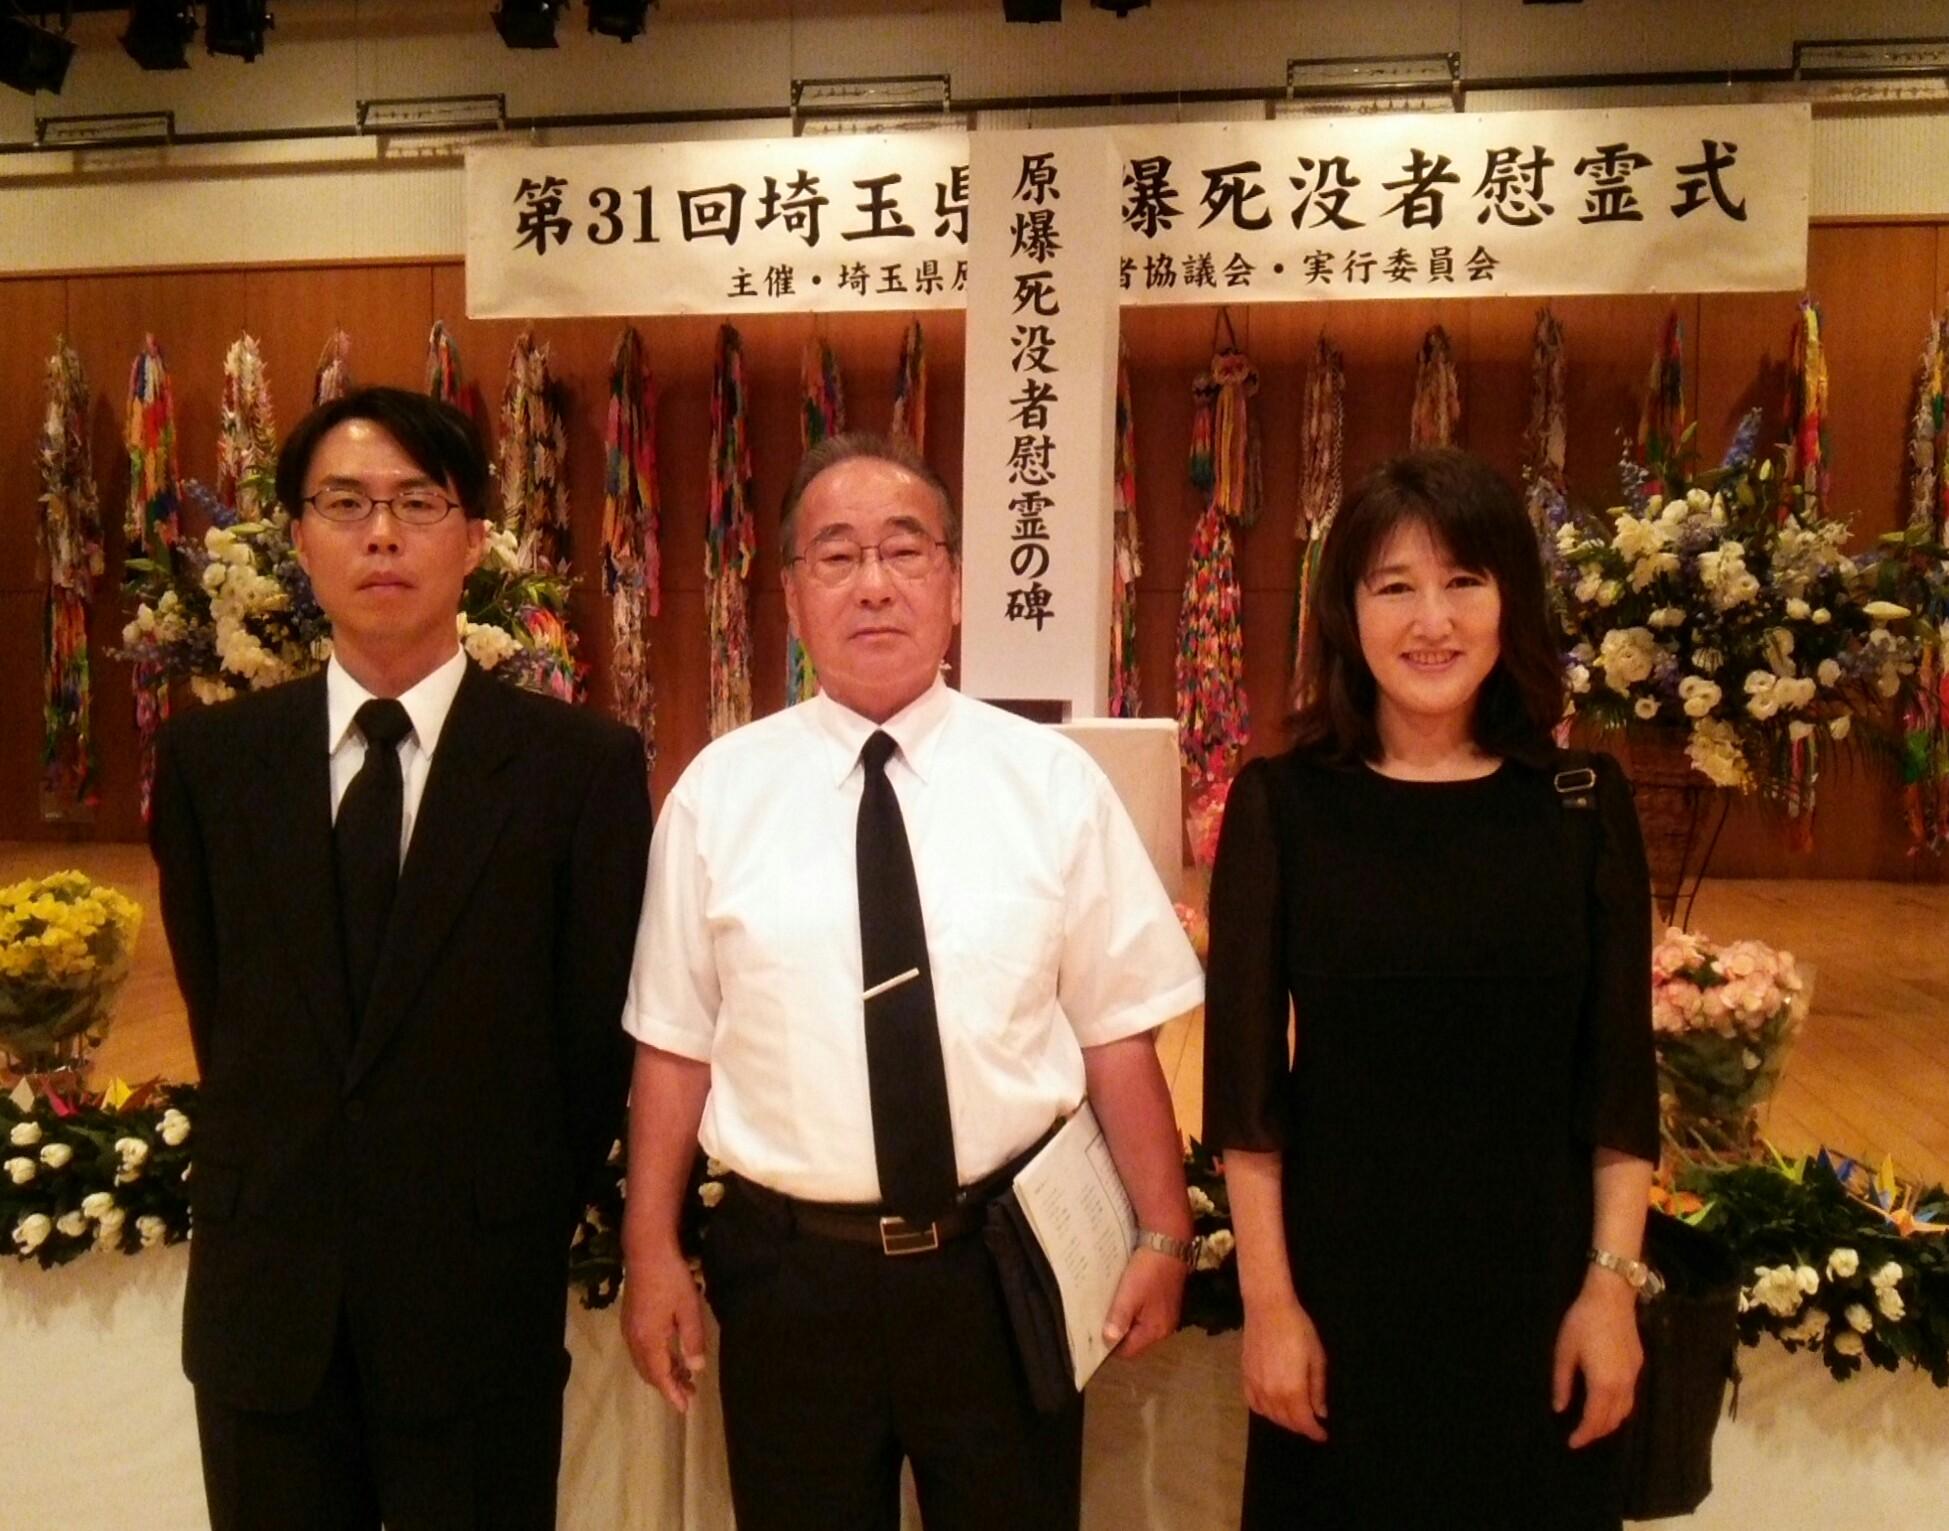 慰霊式に出席した(左から)松村、とりうみ、久保の各市議